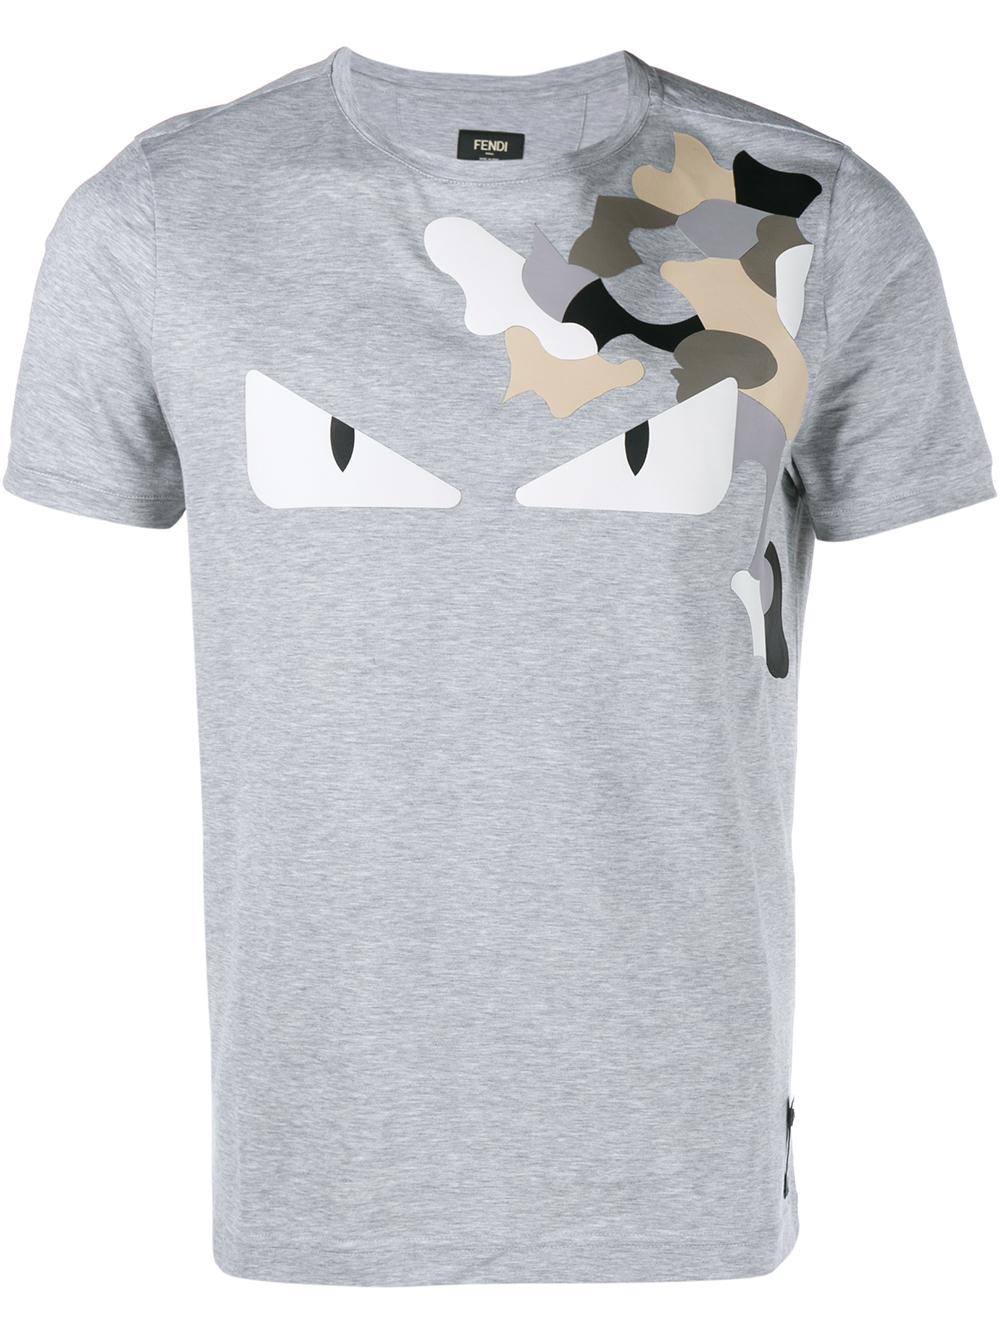 2494719f0f30 Lyst - Fendi Camo Monster T-shirt in Gray for Men